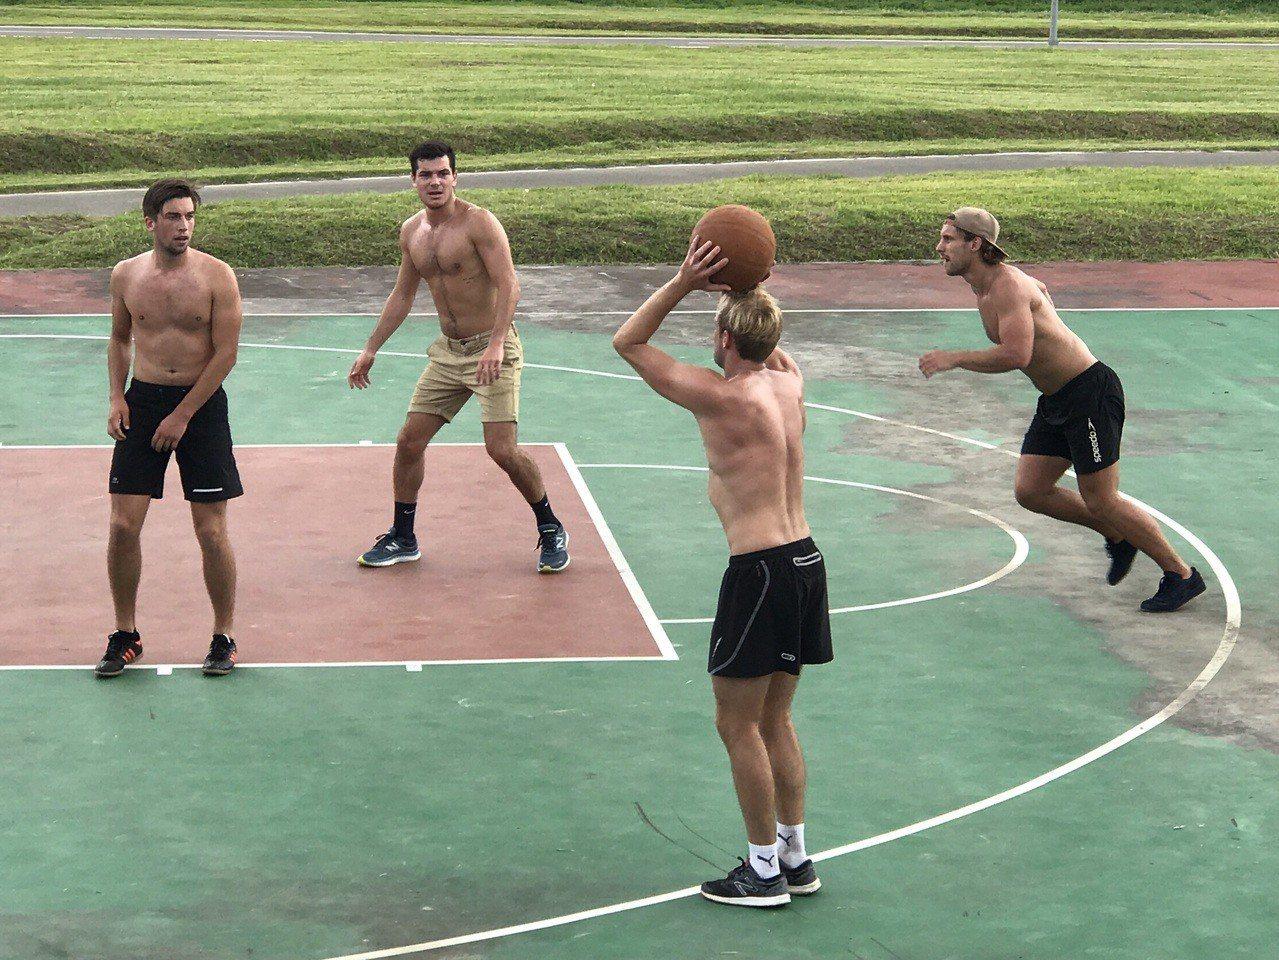 打籃球是許多人愛好休閒活動。圖/報系資料照